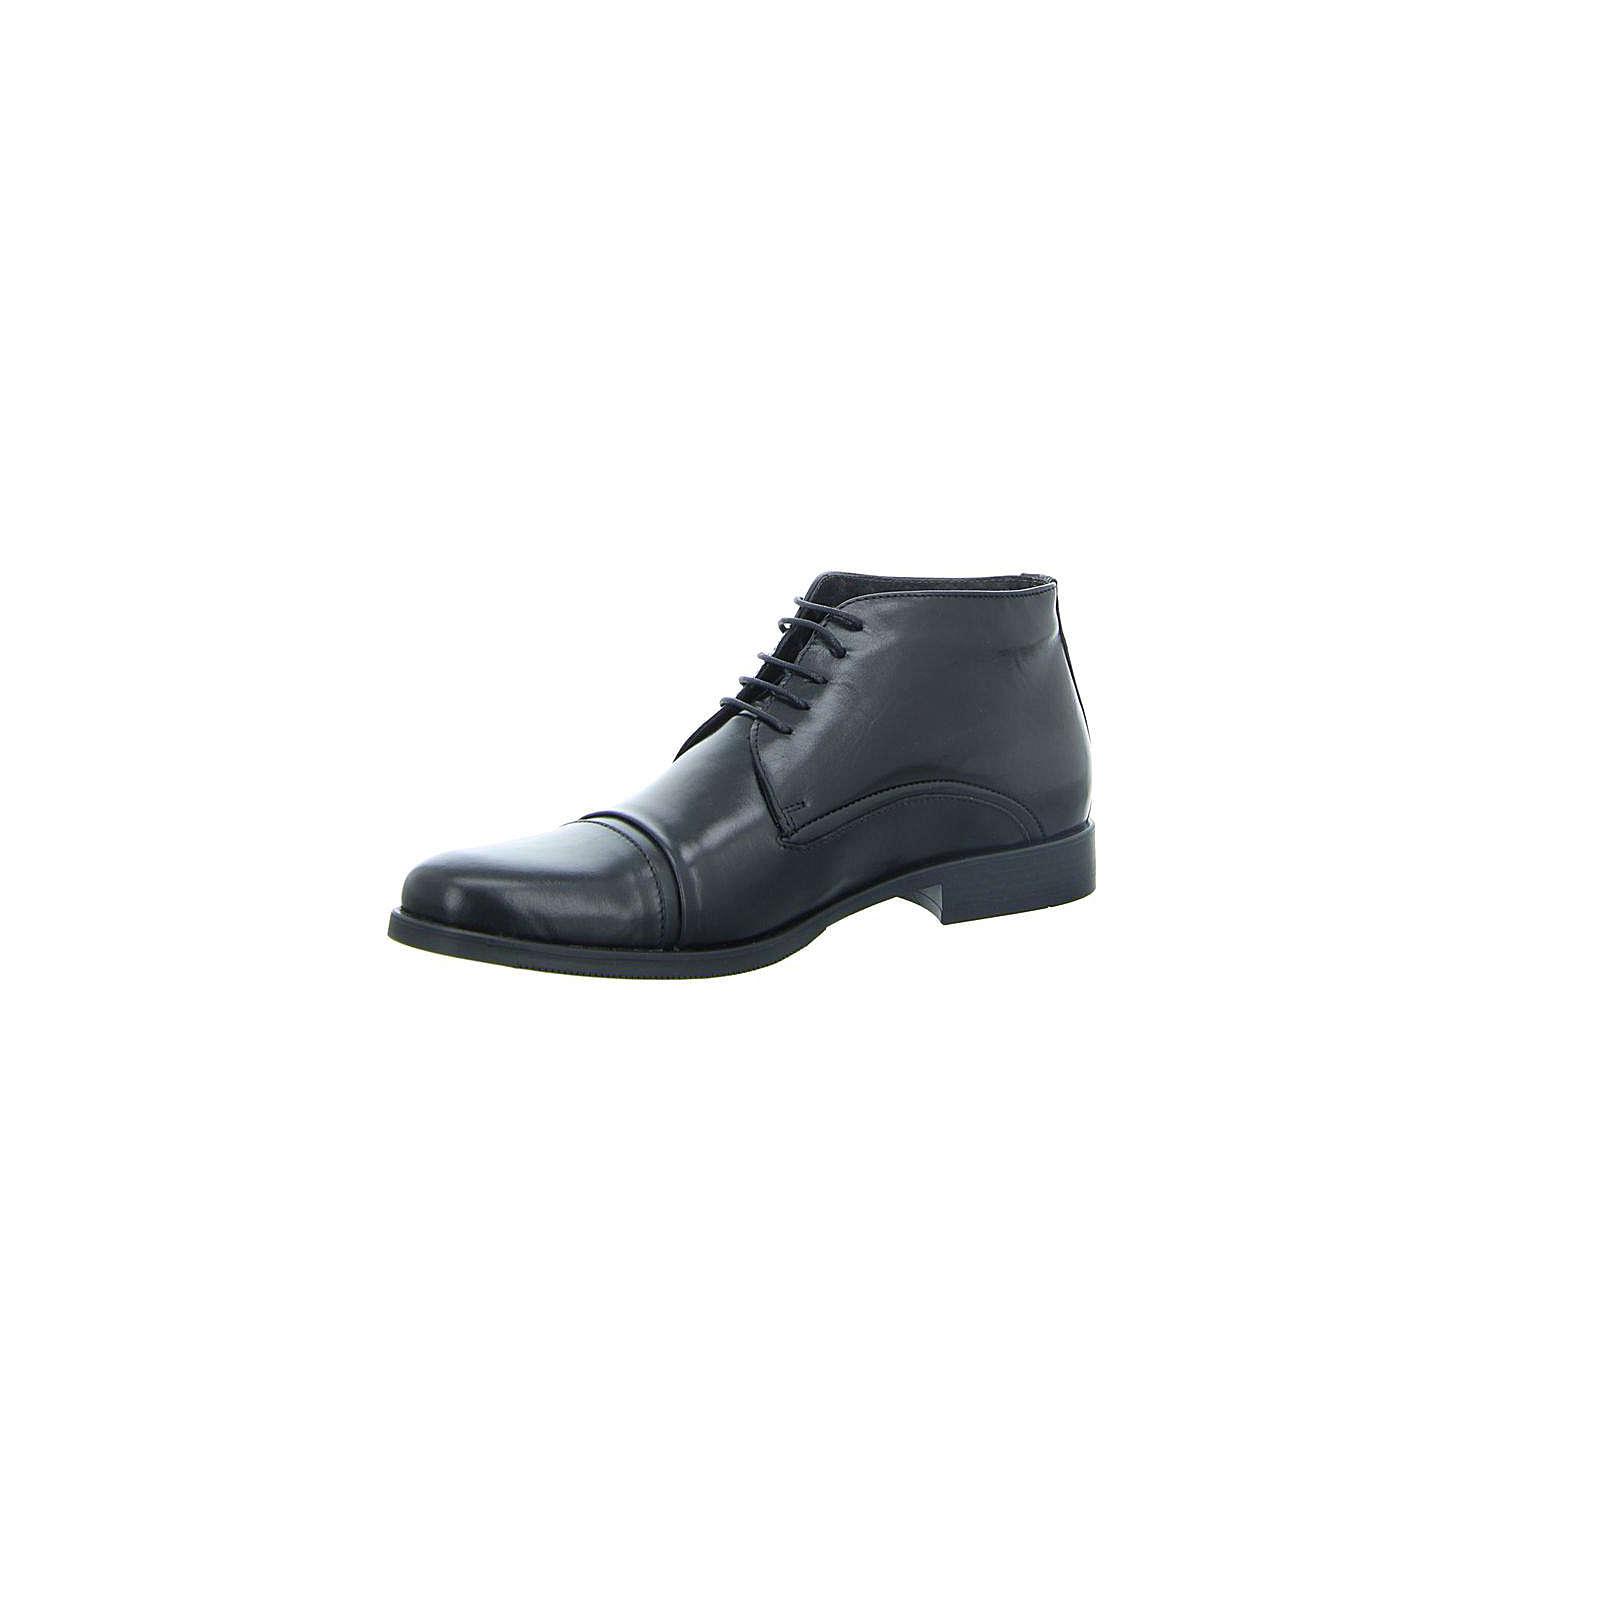 nicolabenson Stiefel schwarz schwarz Herren Gr. 42